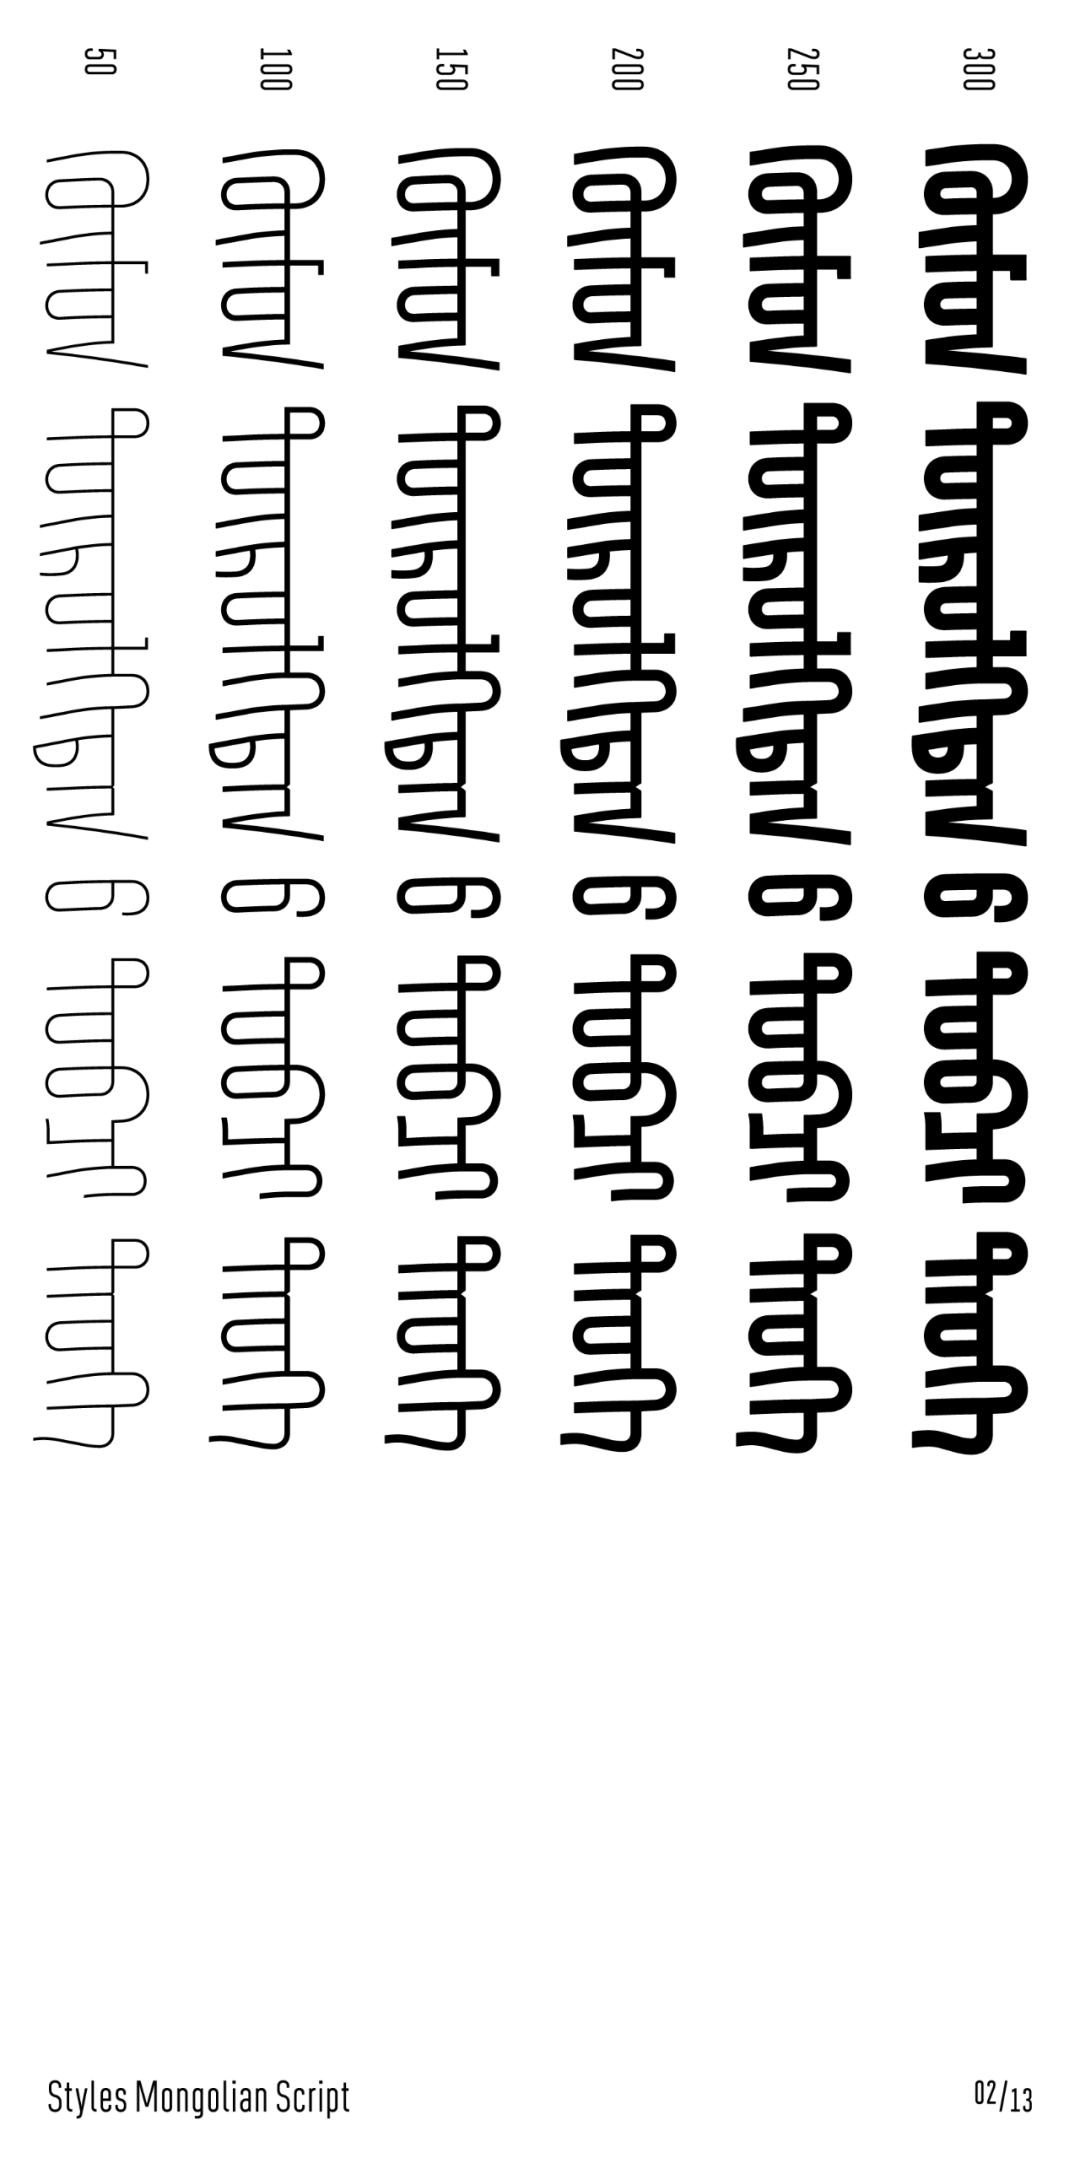 几何风格蒙古字体 Ailognom™ 第6张 几何风格蒙古字体 Ailognom™ 蒙古设计